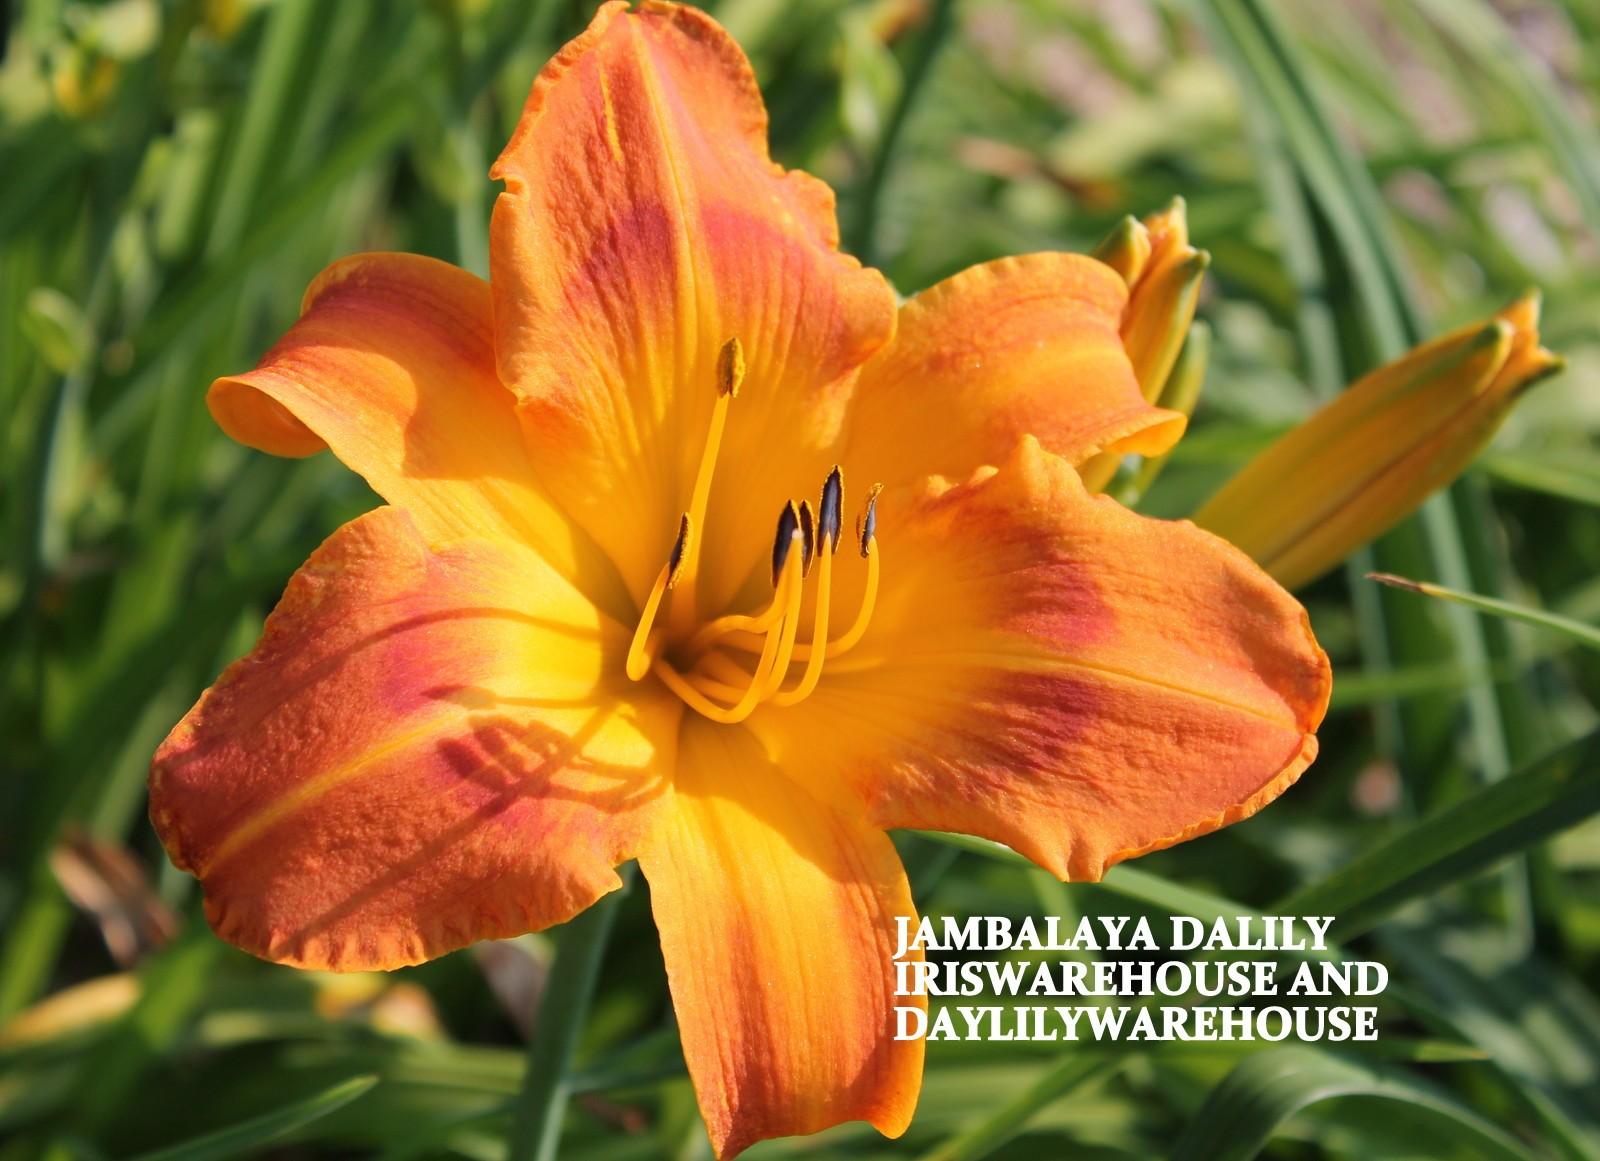 Jambalaya Daylily